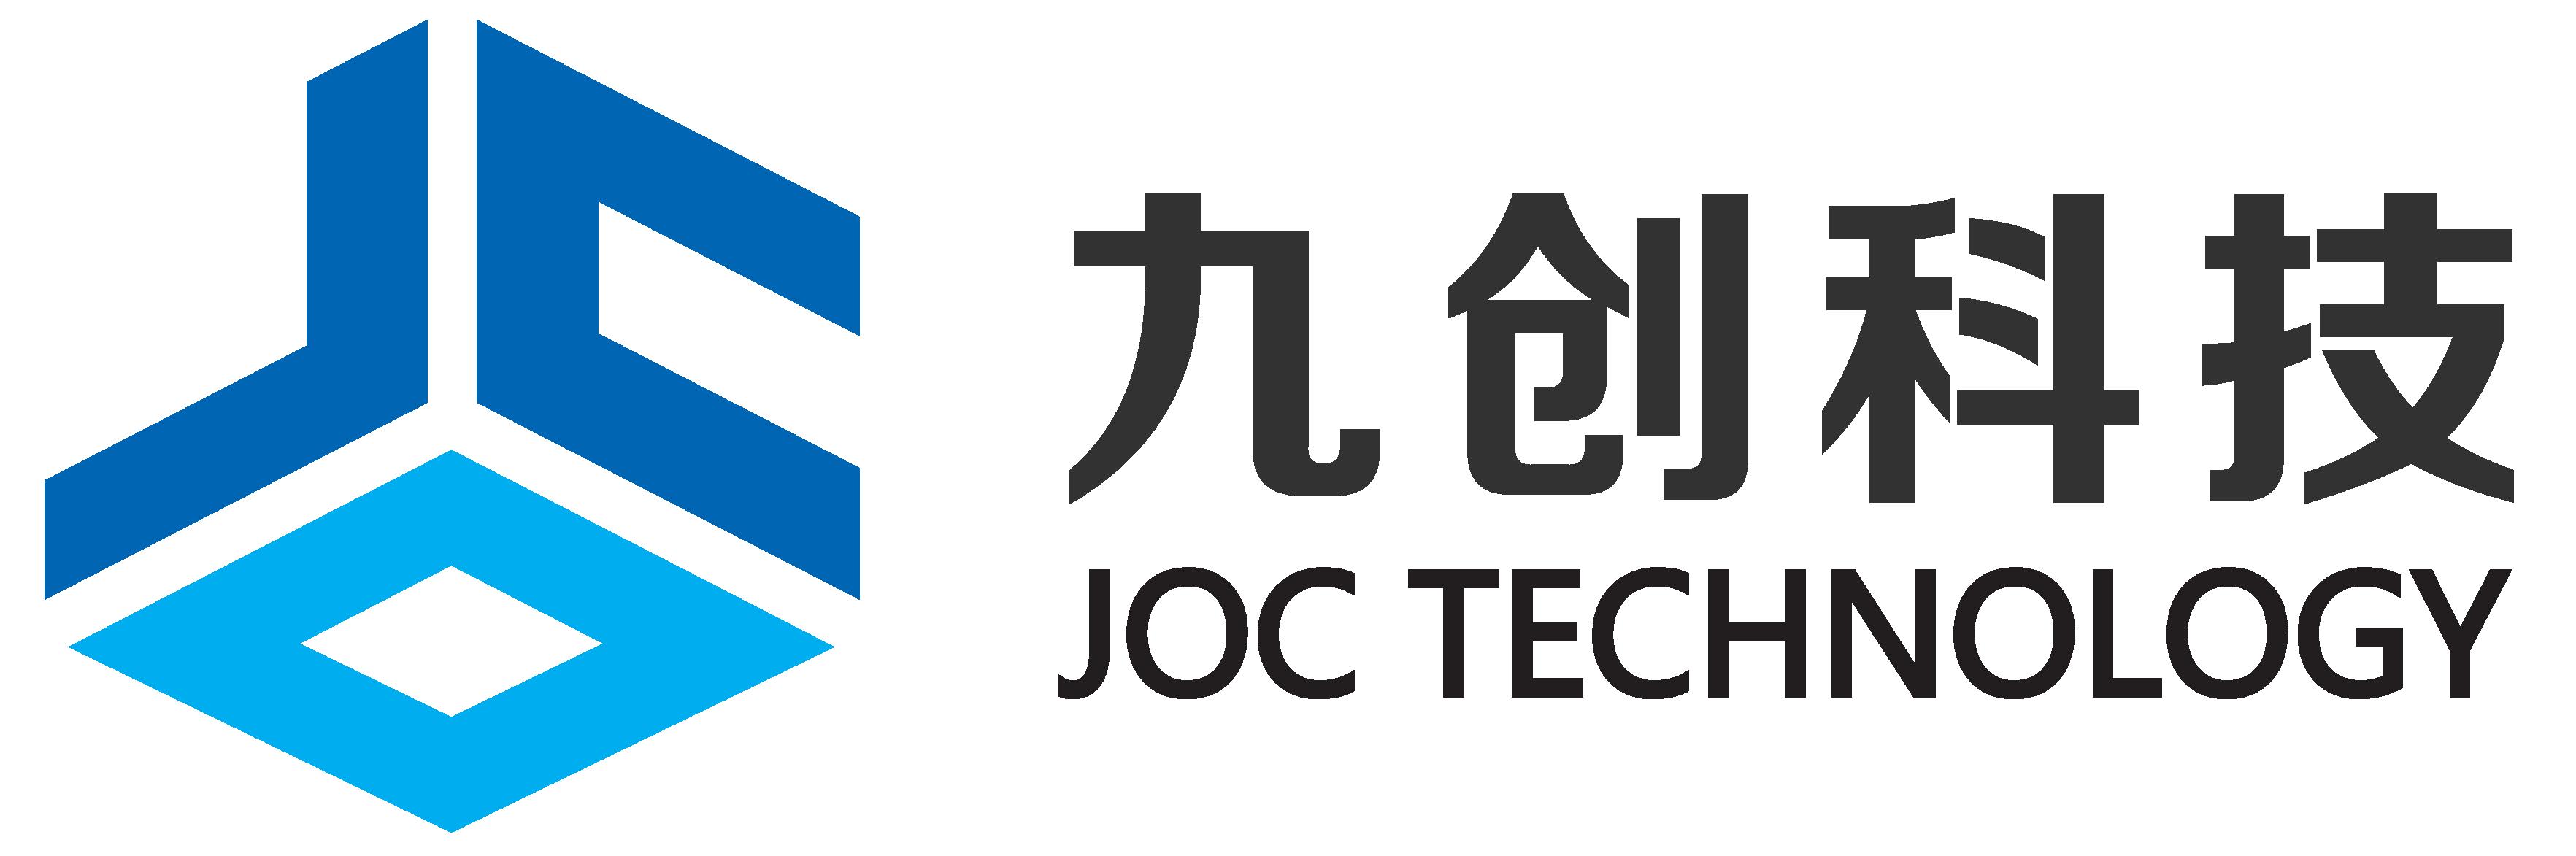 台州市九创科技有限乐虎游戏官网